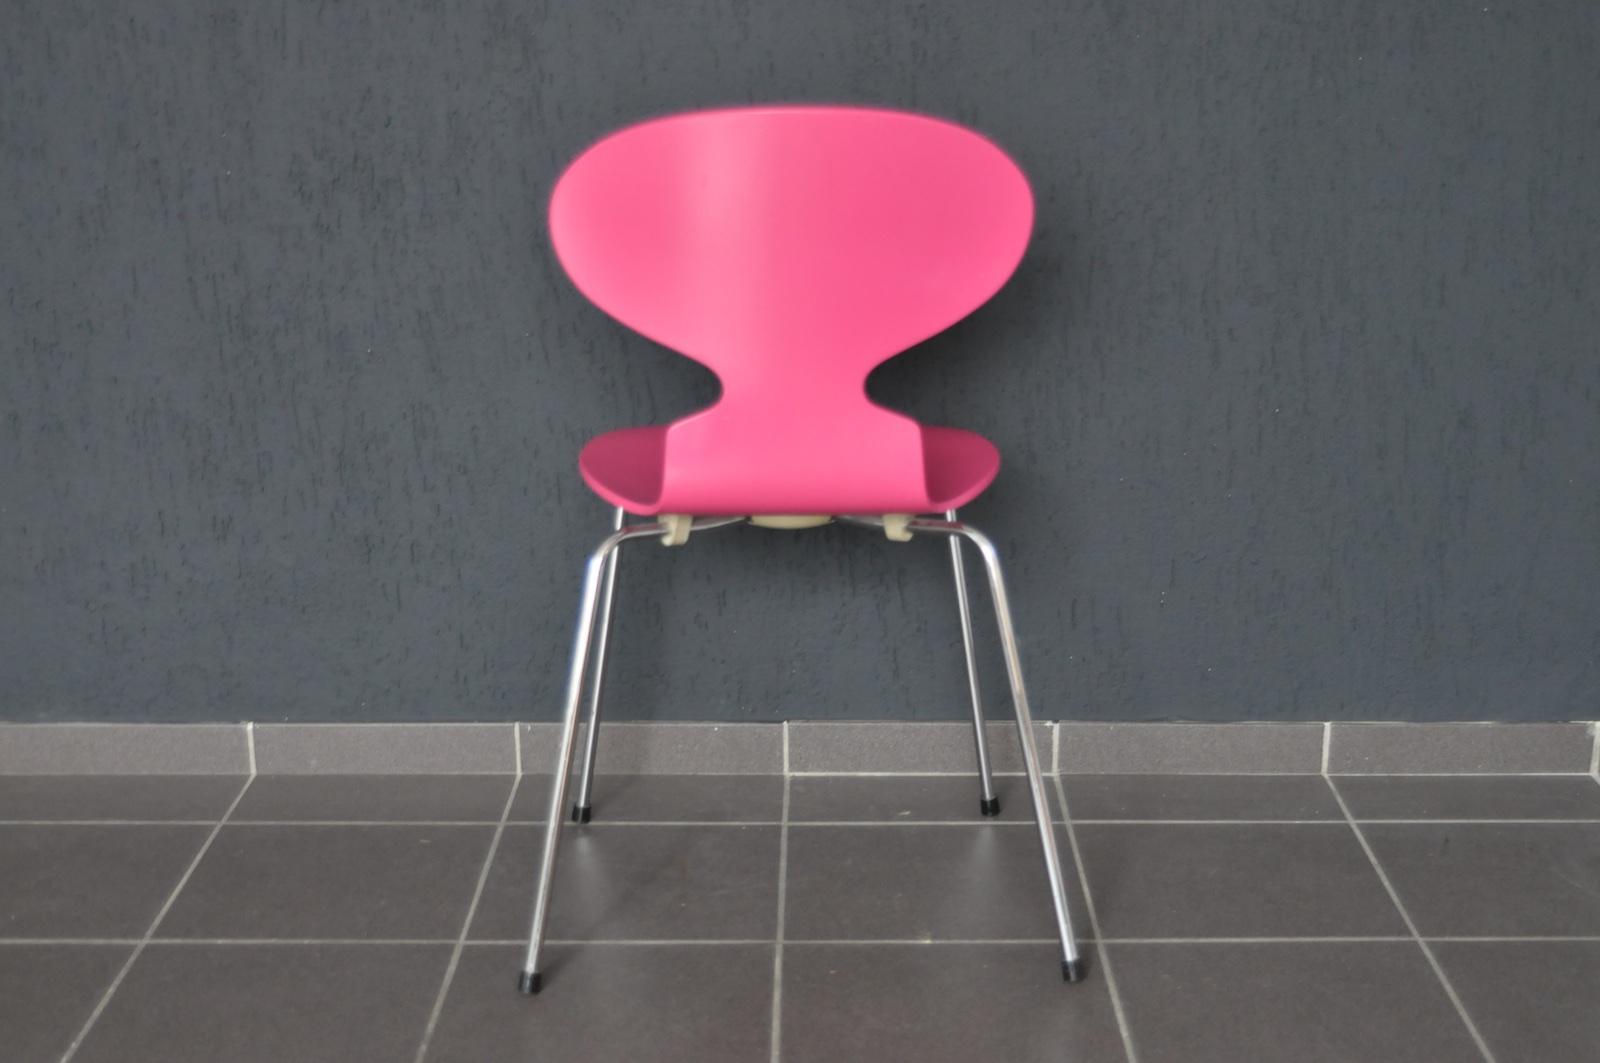 1x Fritz Hansen Stuhl 3101 Arne Jacobsen Chair Stapelstuhl 44cm Ameise Von 19